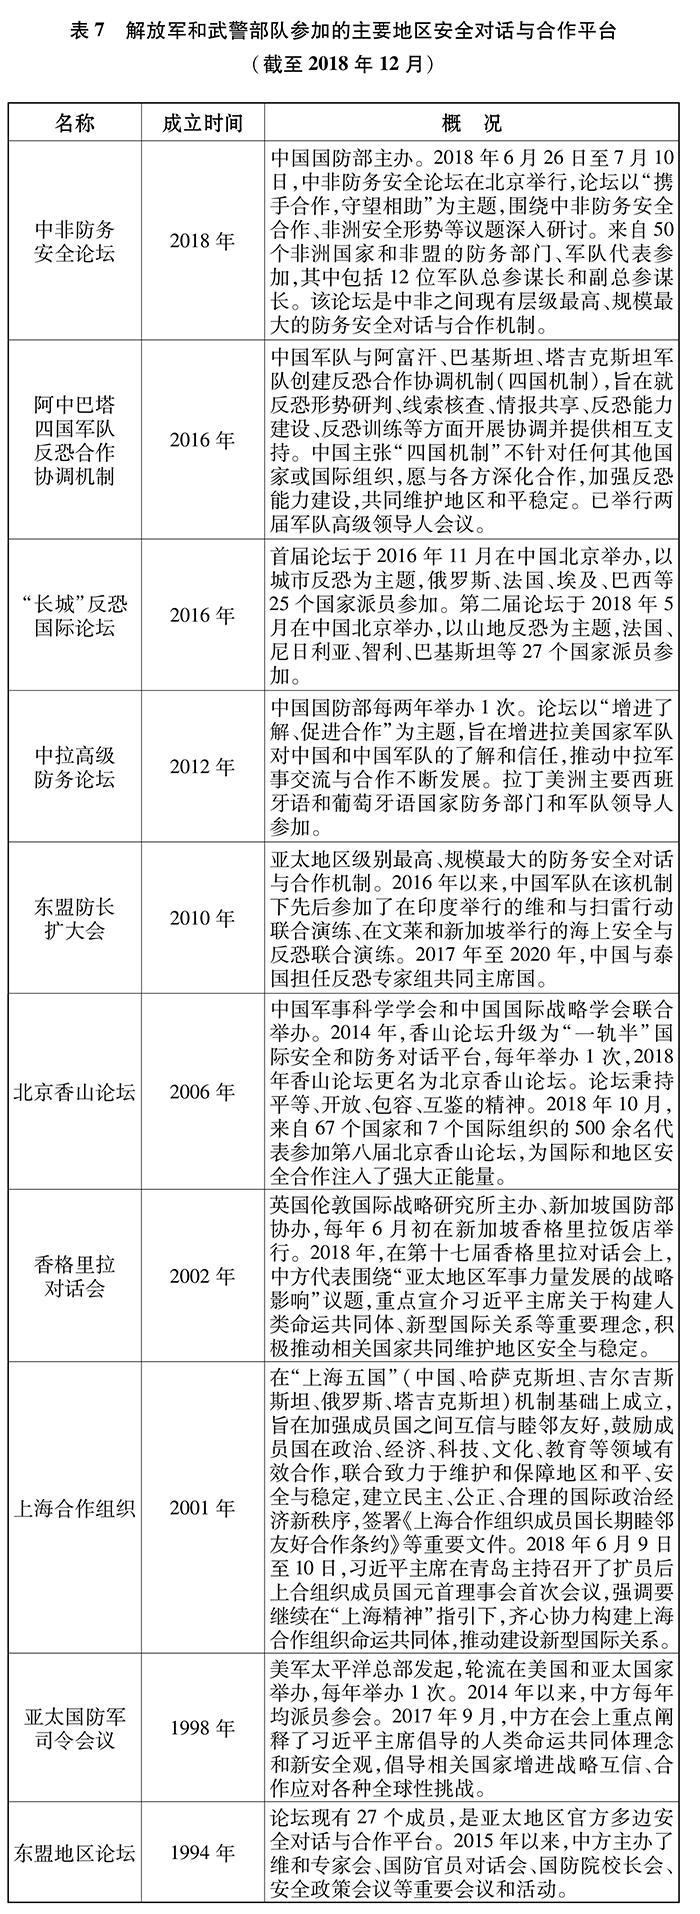 《新時代的中國國防》白皮書(全文) - 香港文匯網